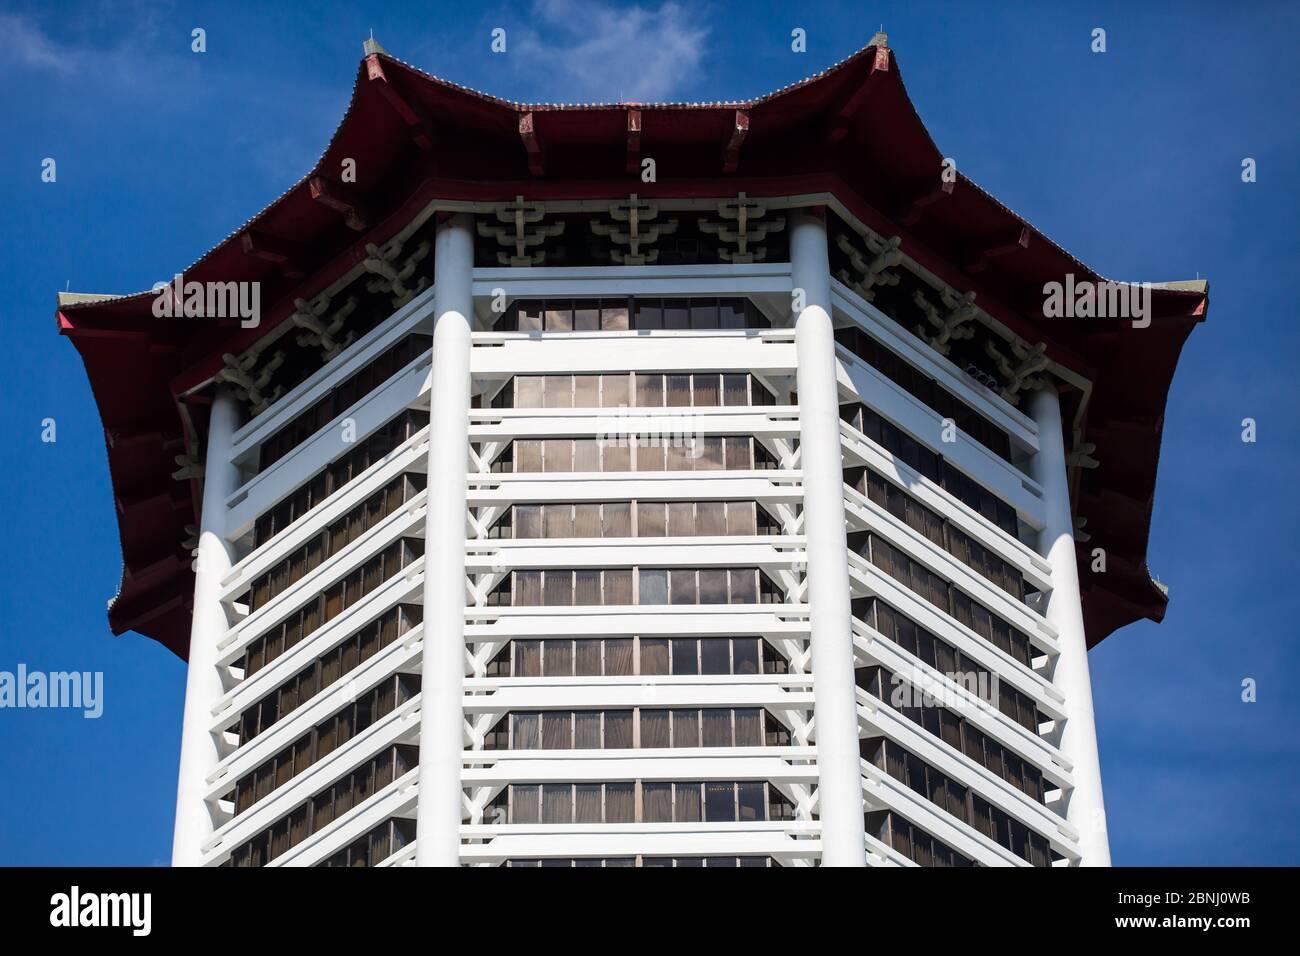 Architecture de l'hôtel Singapore Marriott Tang Plaza Banque D'Images